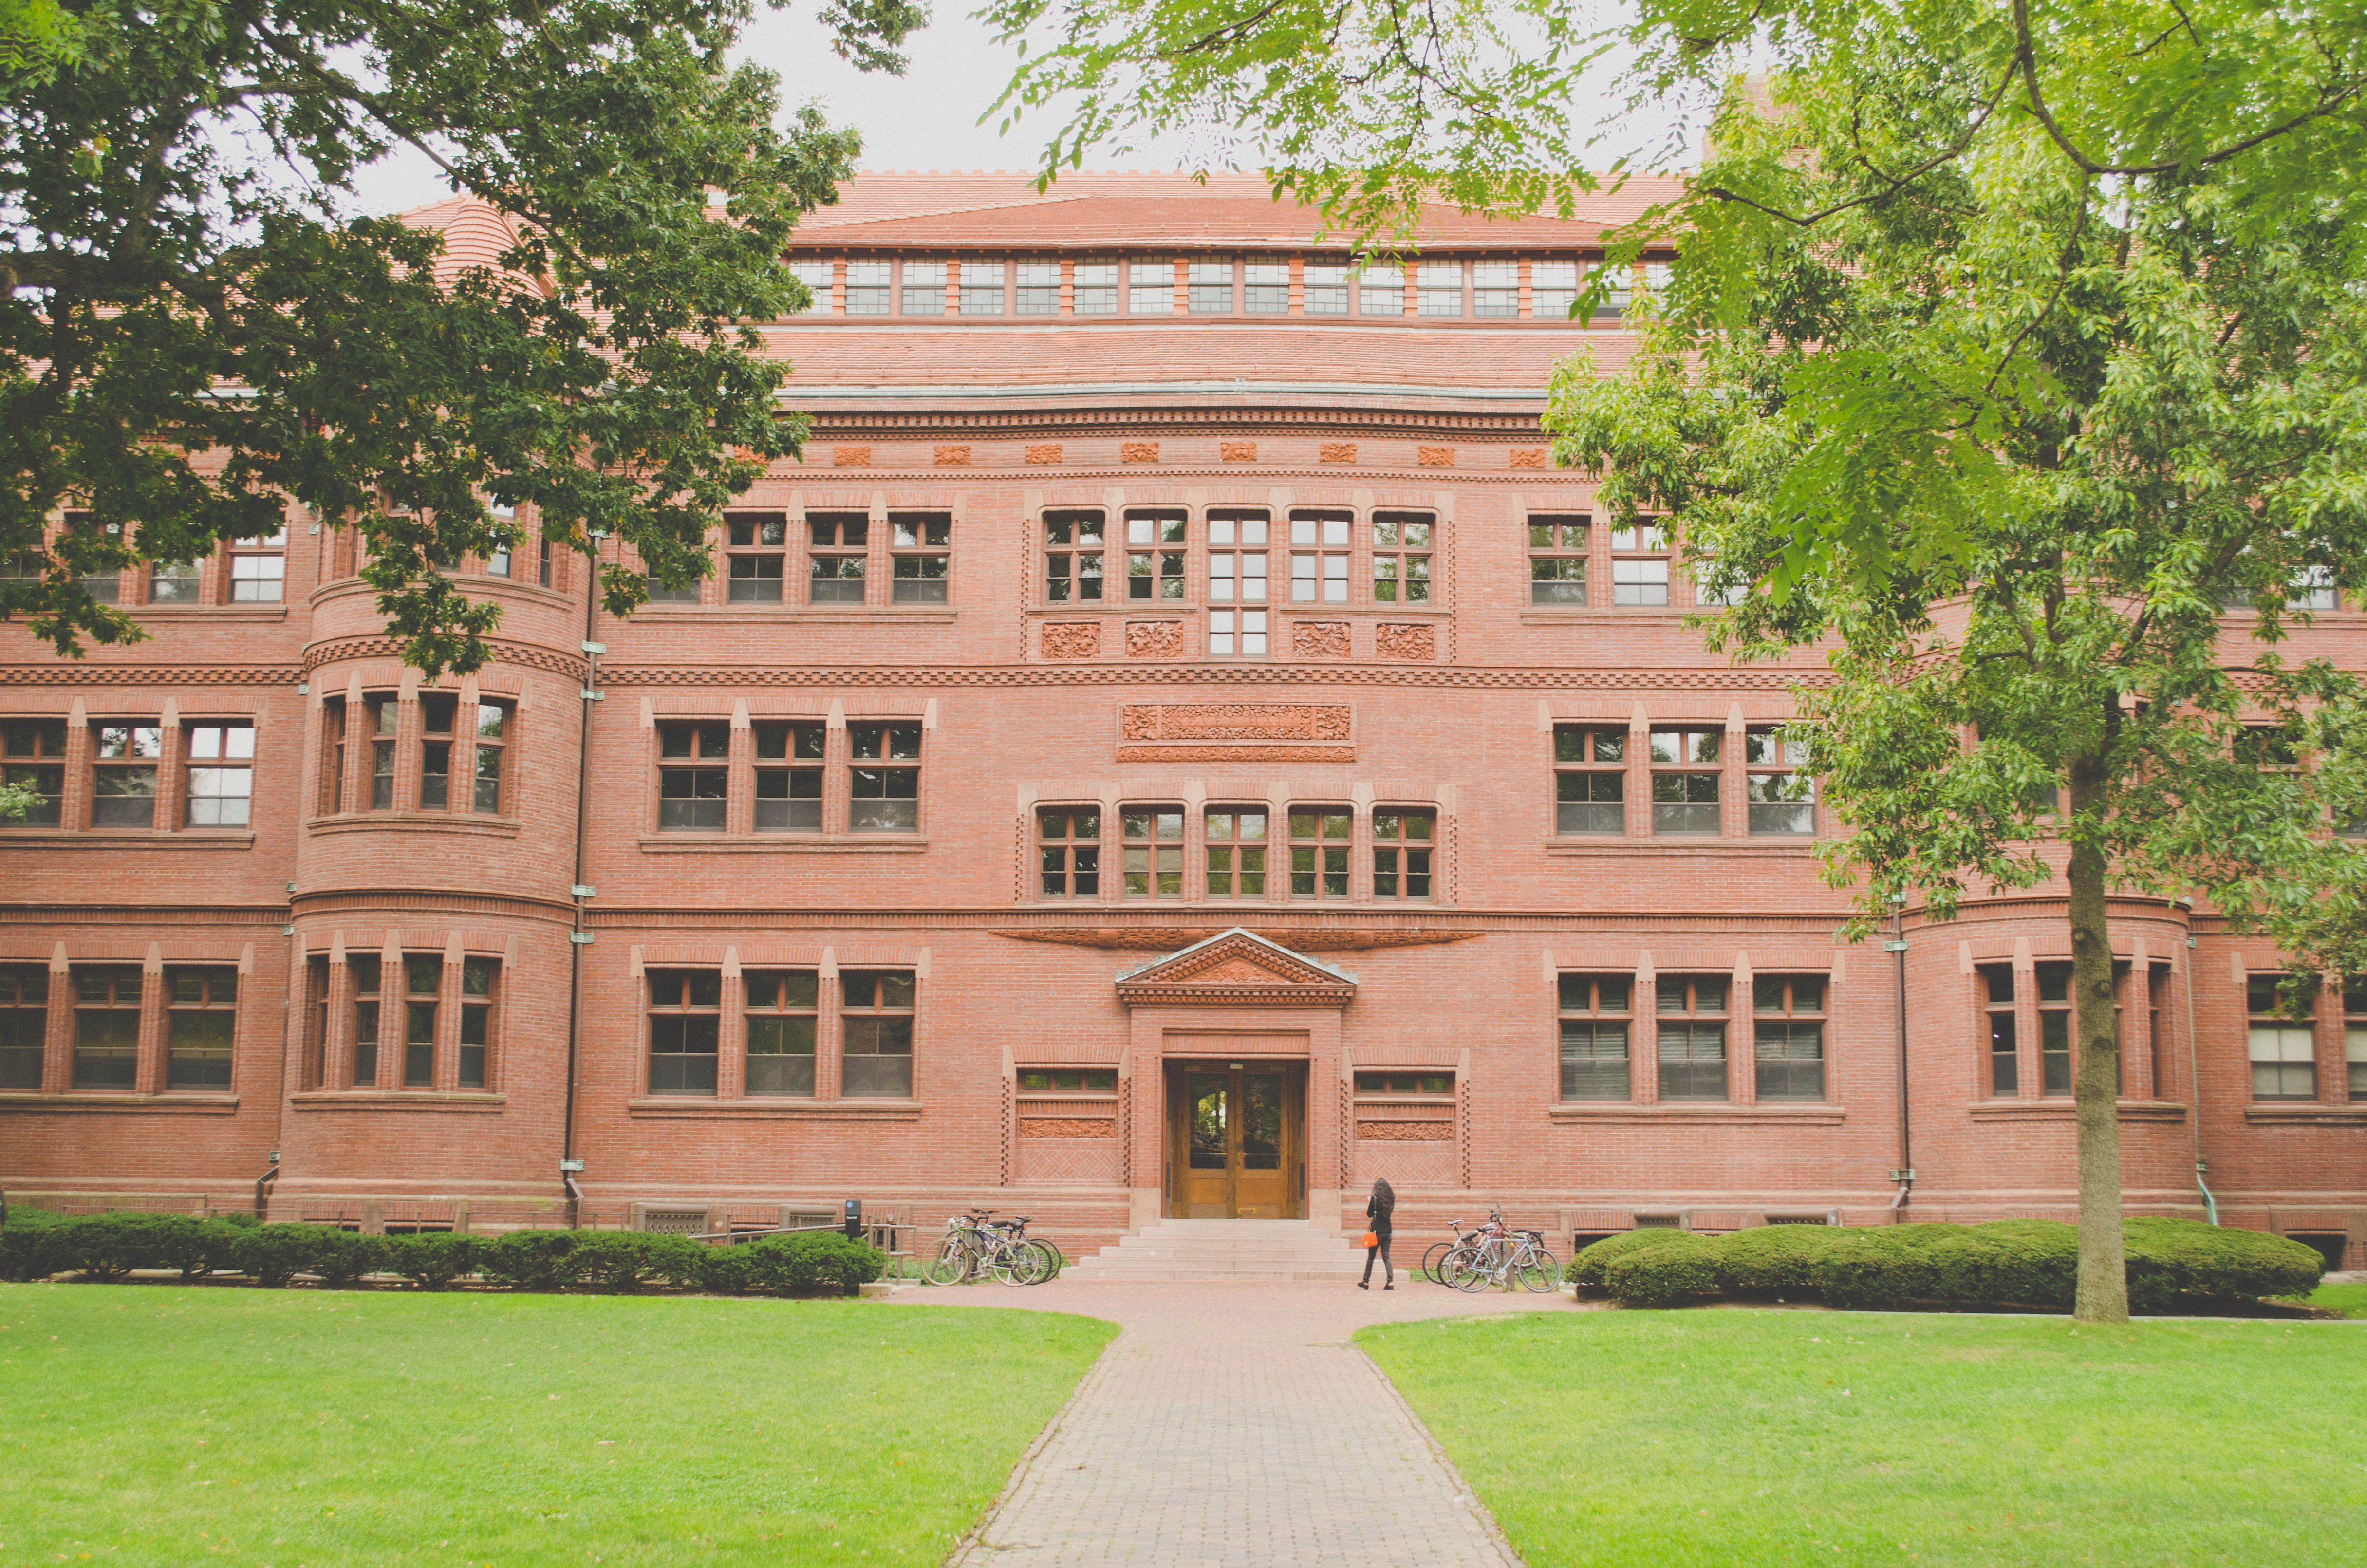 ボストンのケンブリッジ観光といえばハーバード大学!学生の街おすすめスポットまとめ